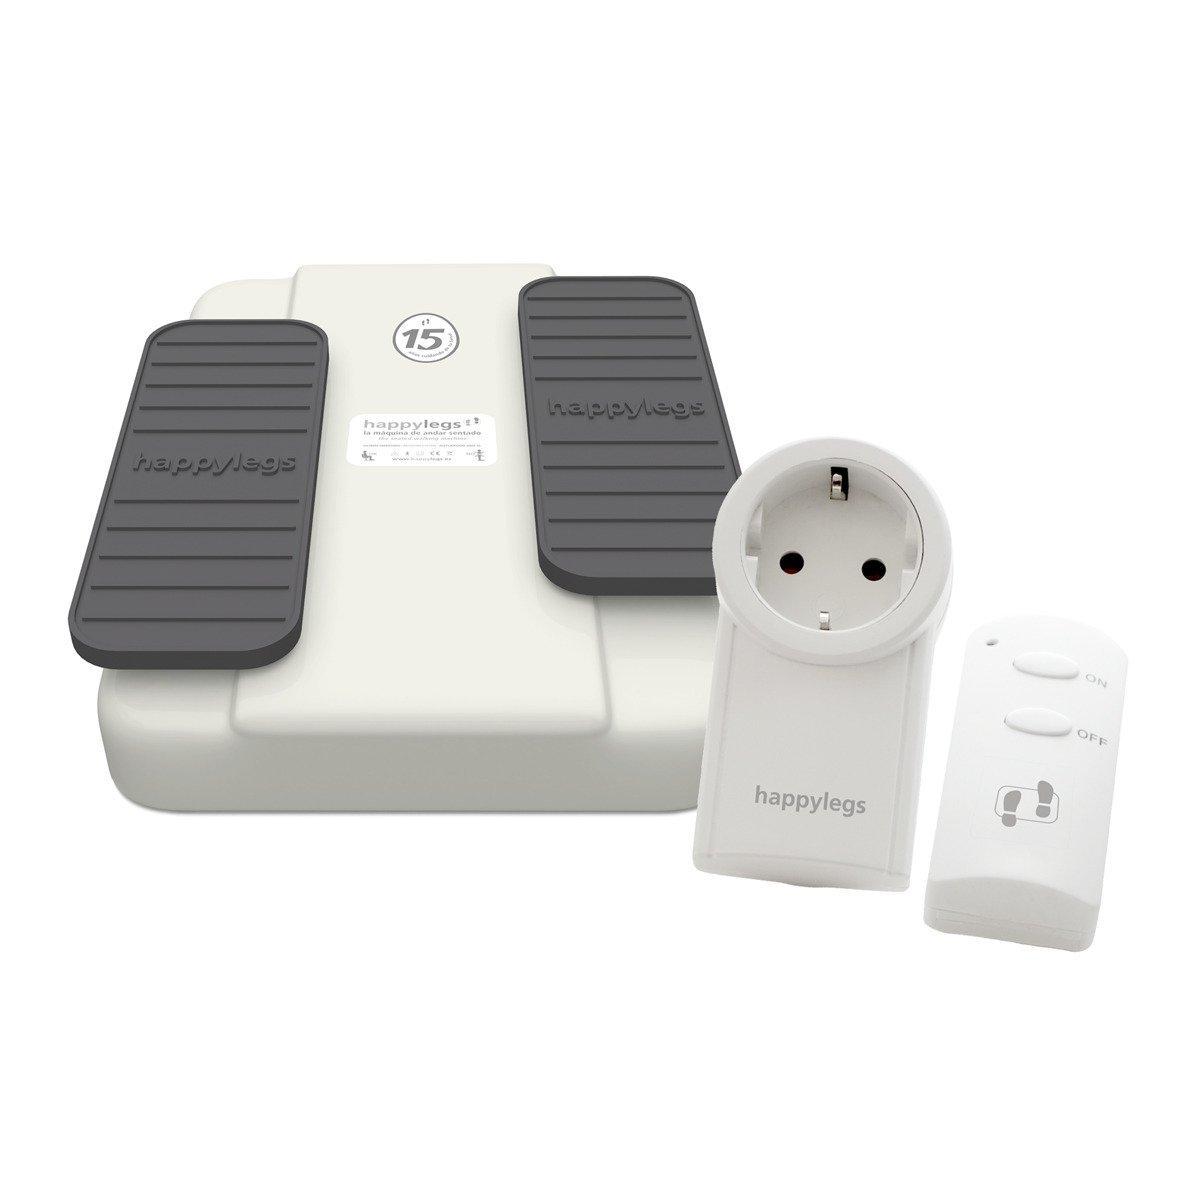 Happylegs Premium Maquina de andar sentado con mando a distancia